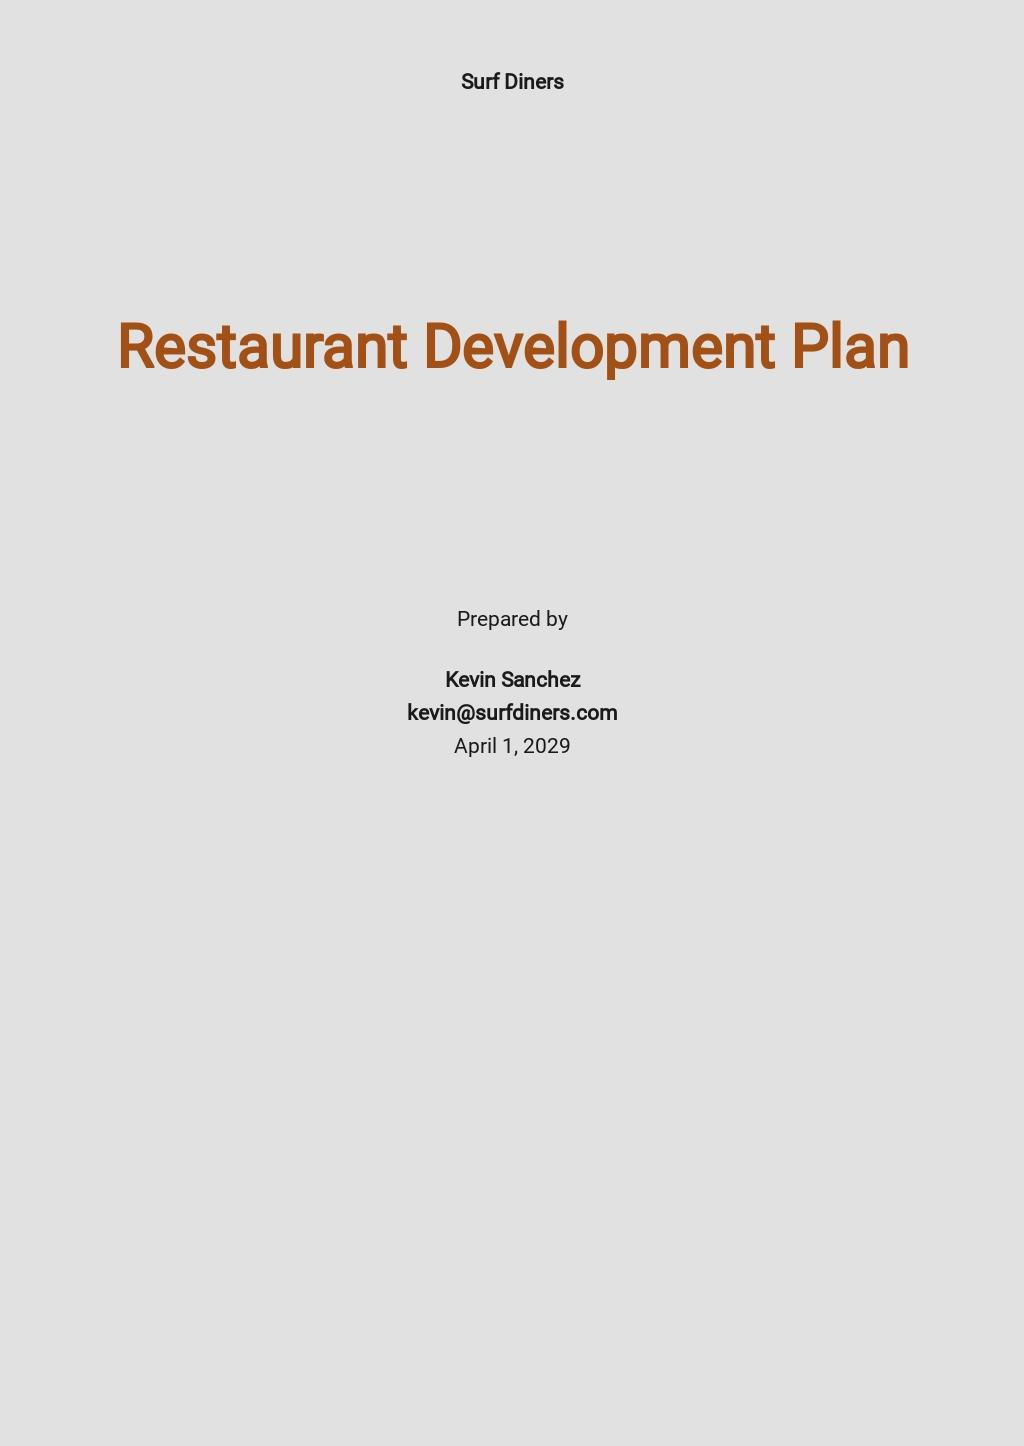 Restaurant Development Plan Template.jpe